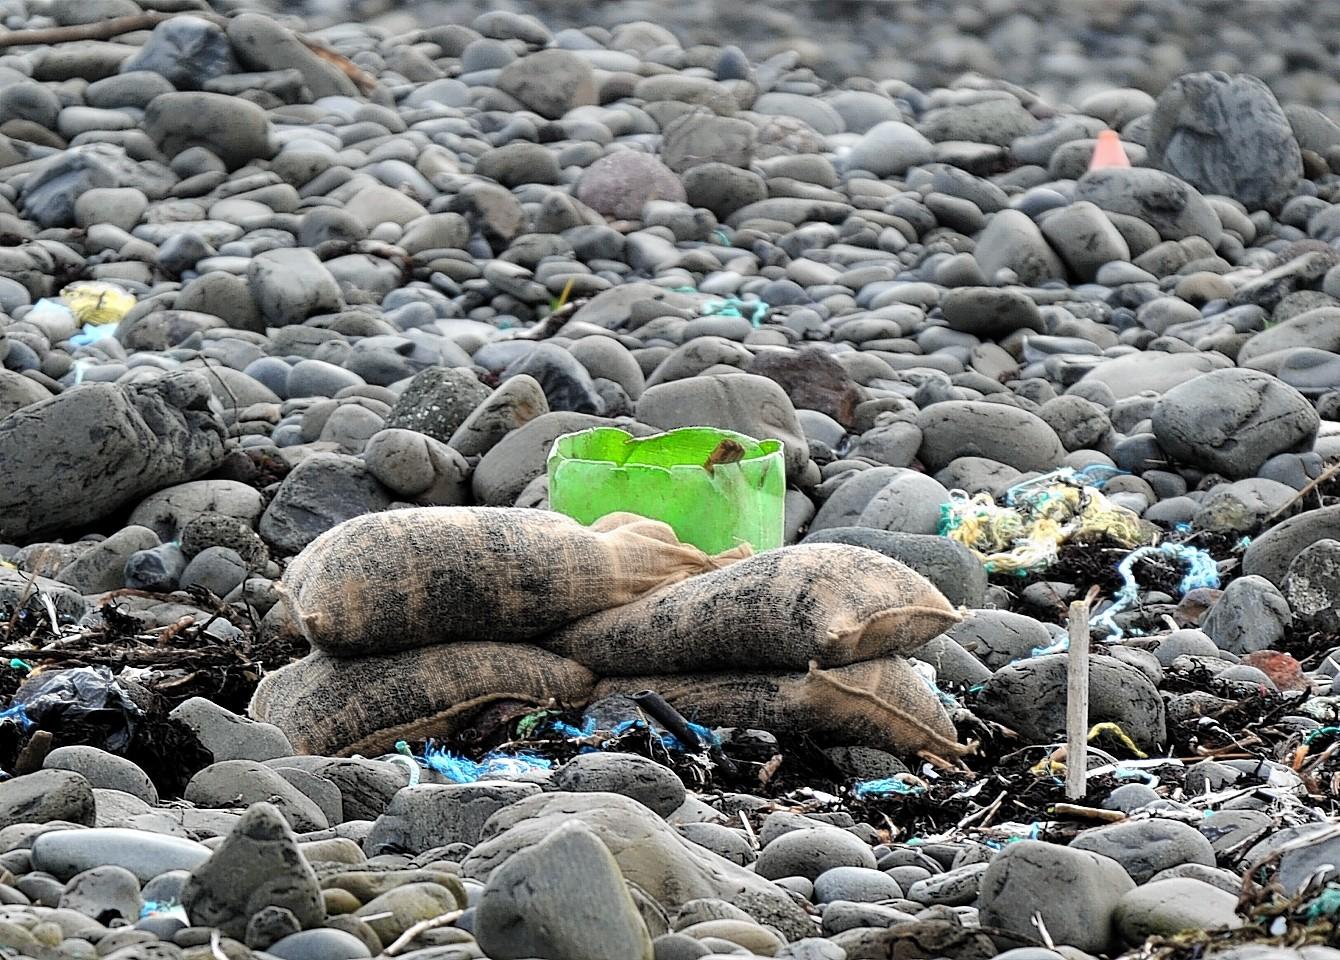 The grenade was found on Talisker Bay on Skye